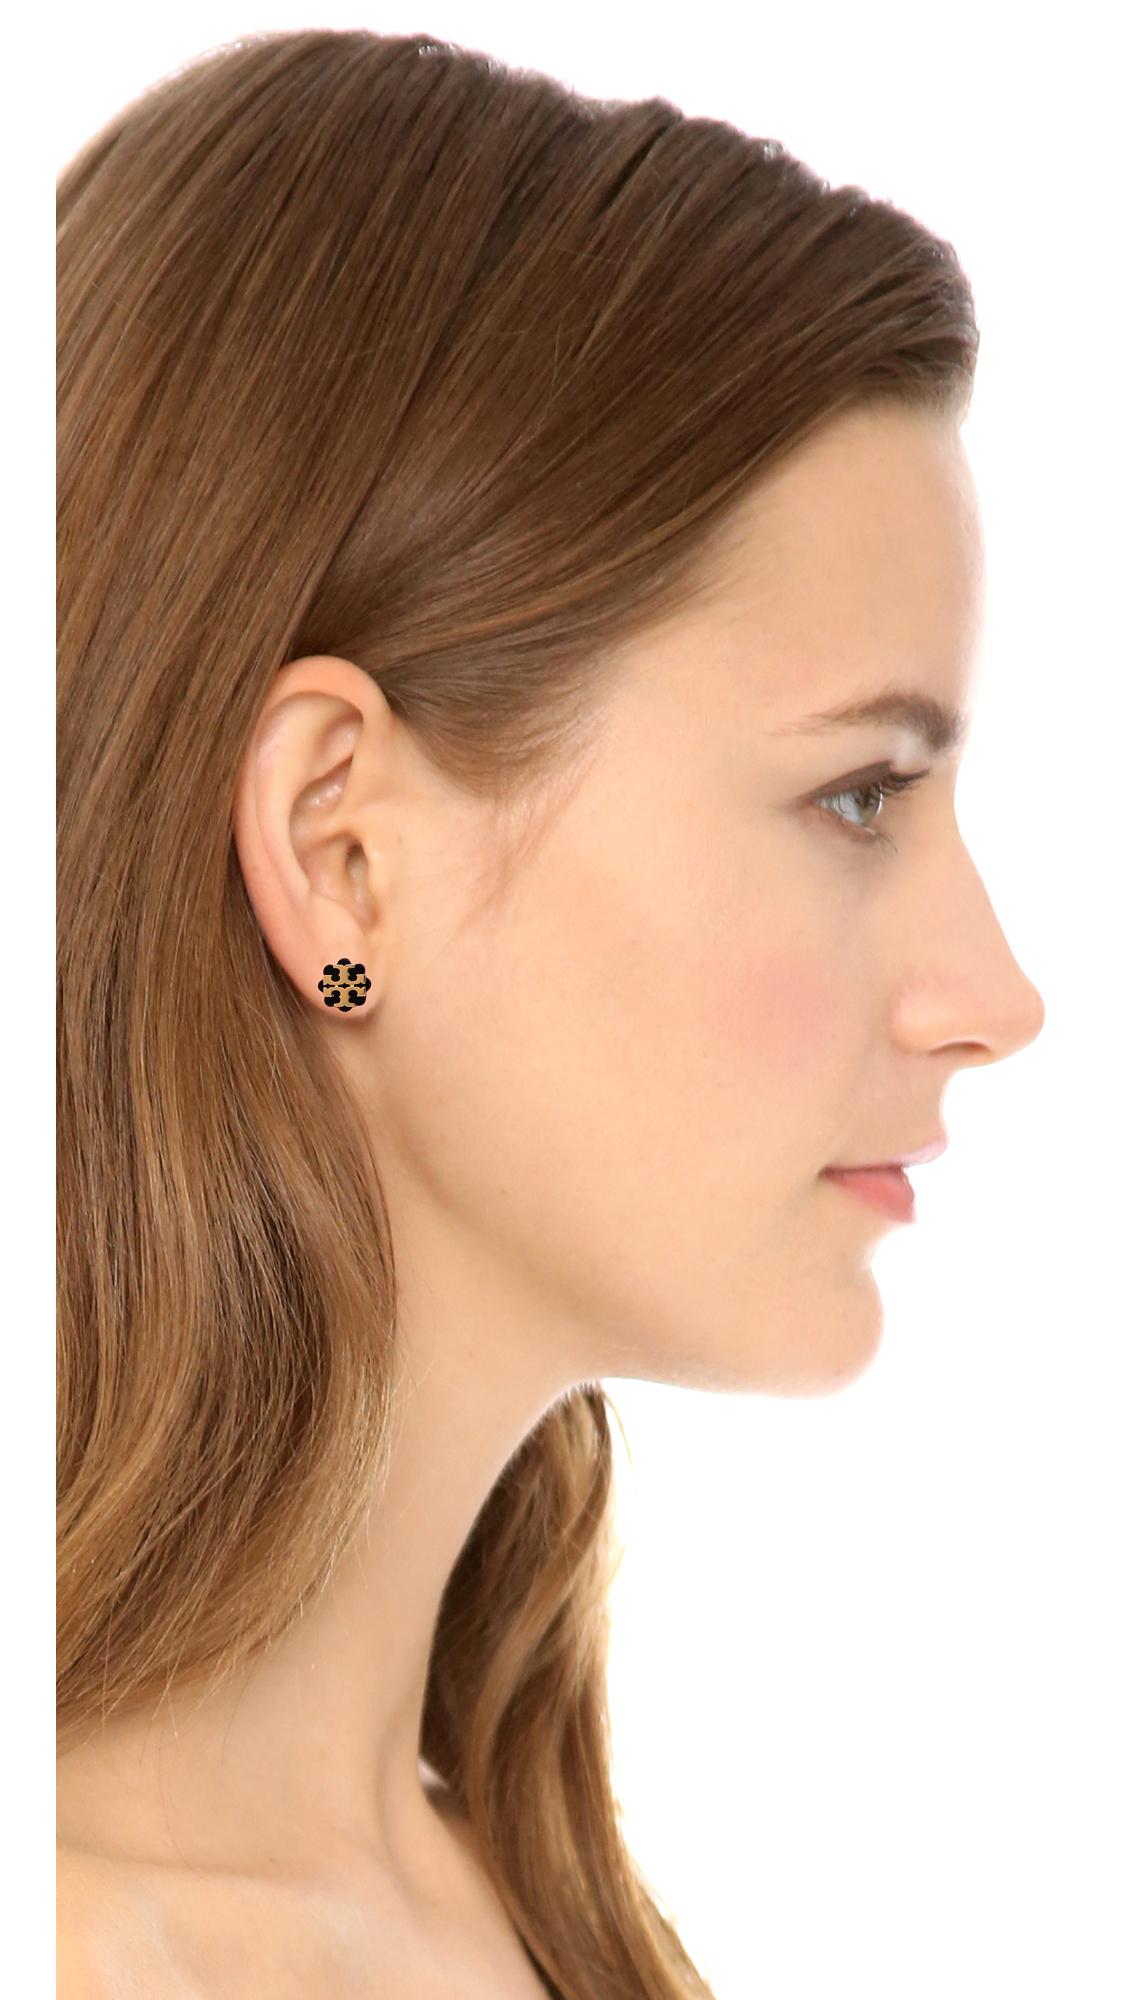 262cea87a Tory Burch Logo Flower Resin Stud Earrings | SHOPBOP